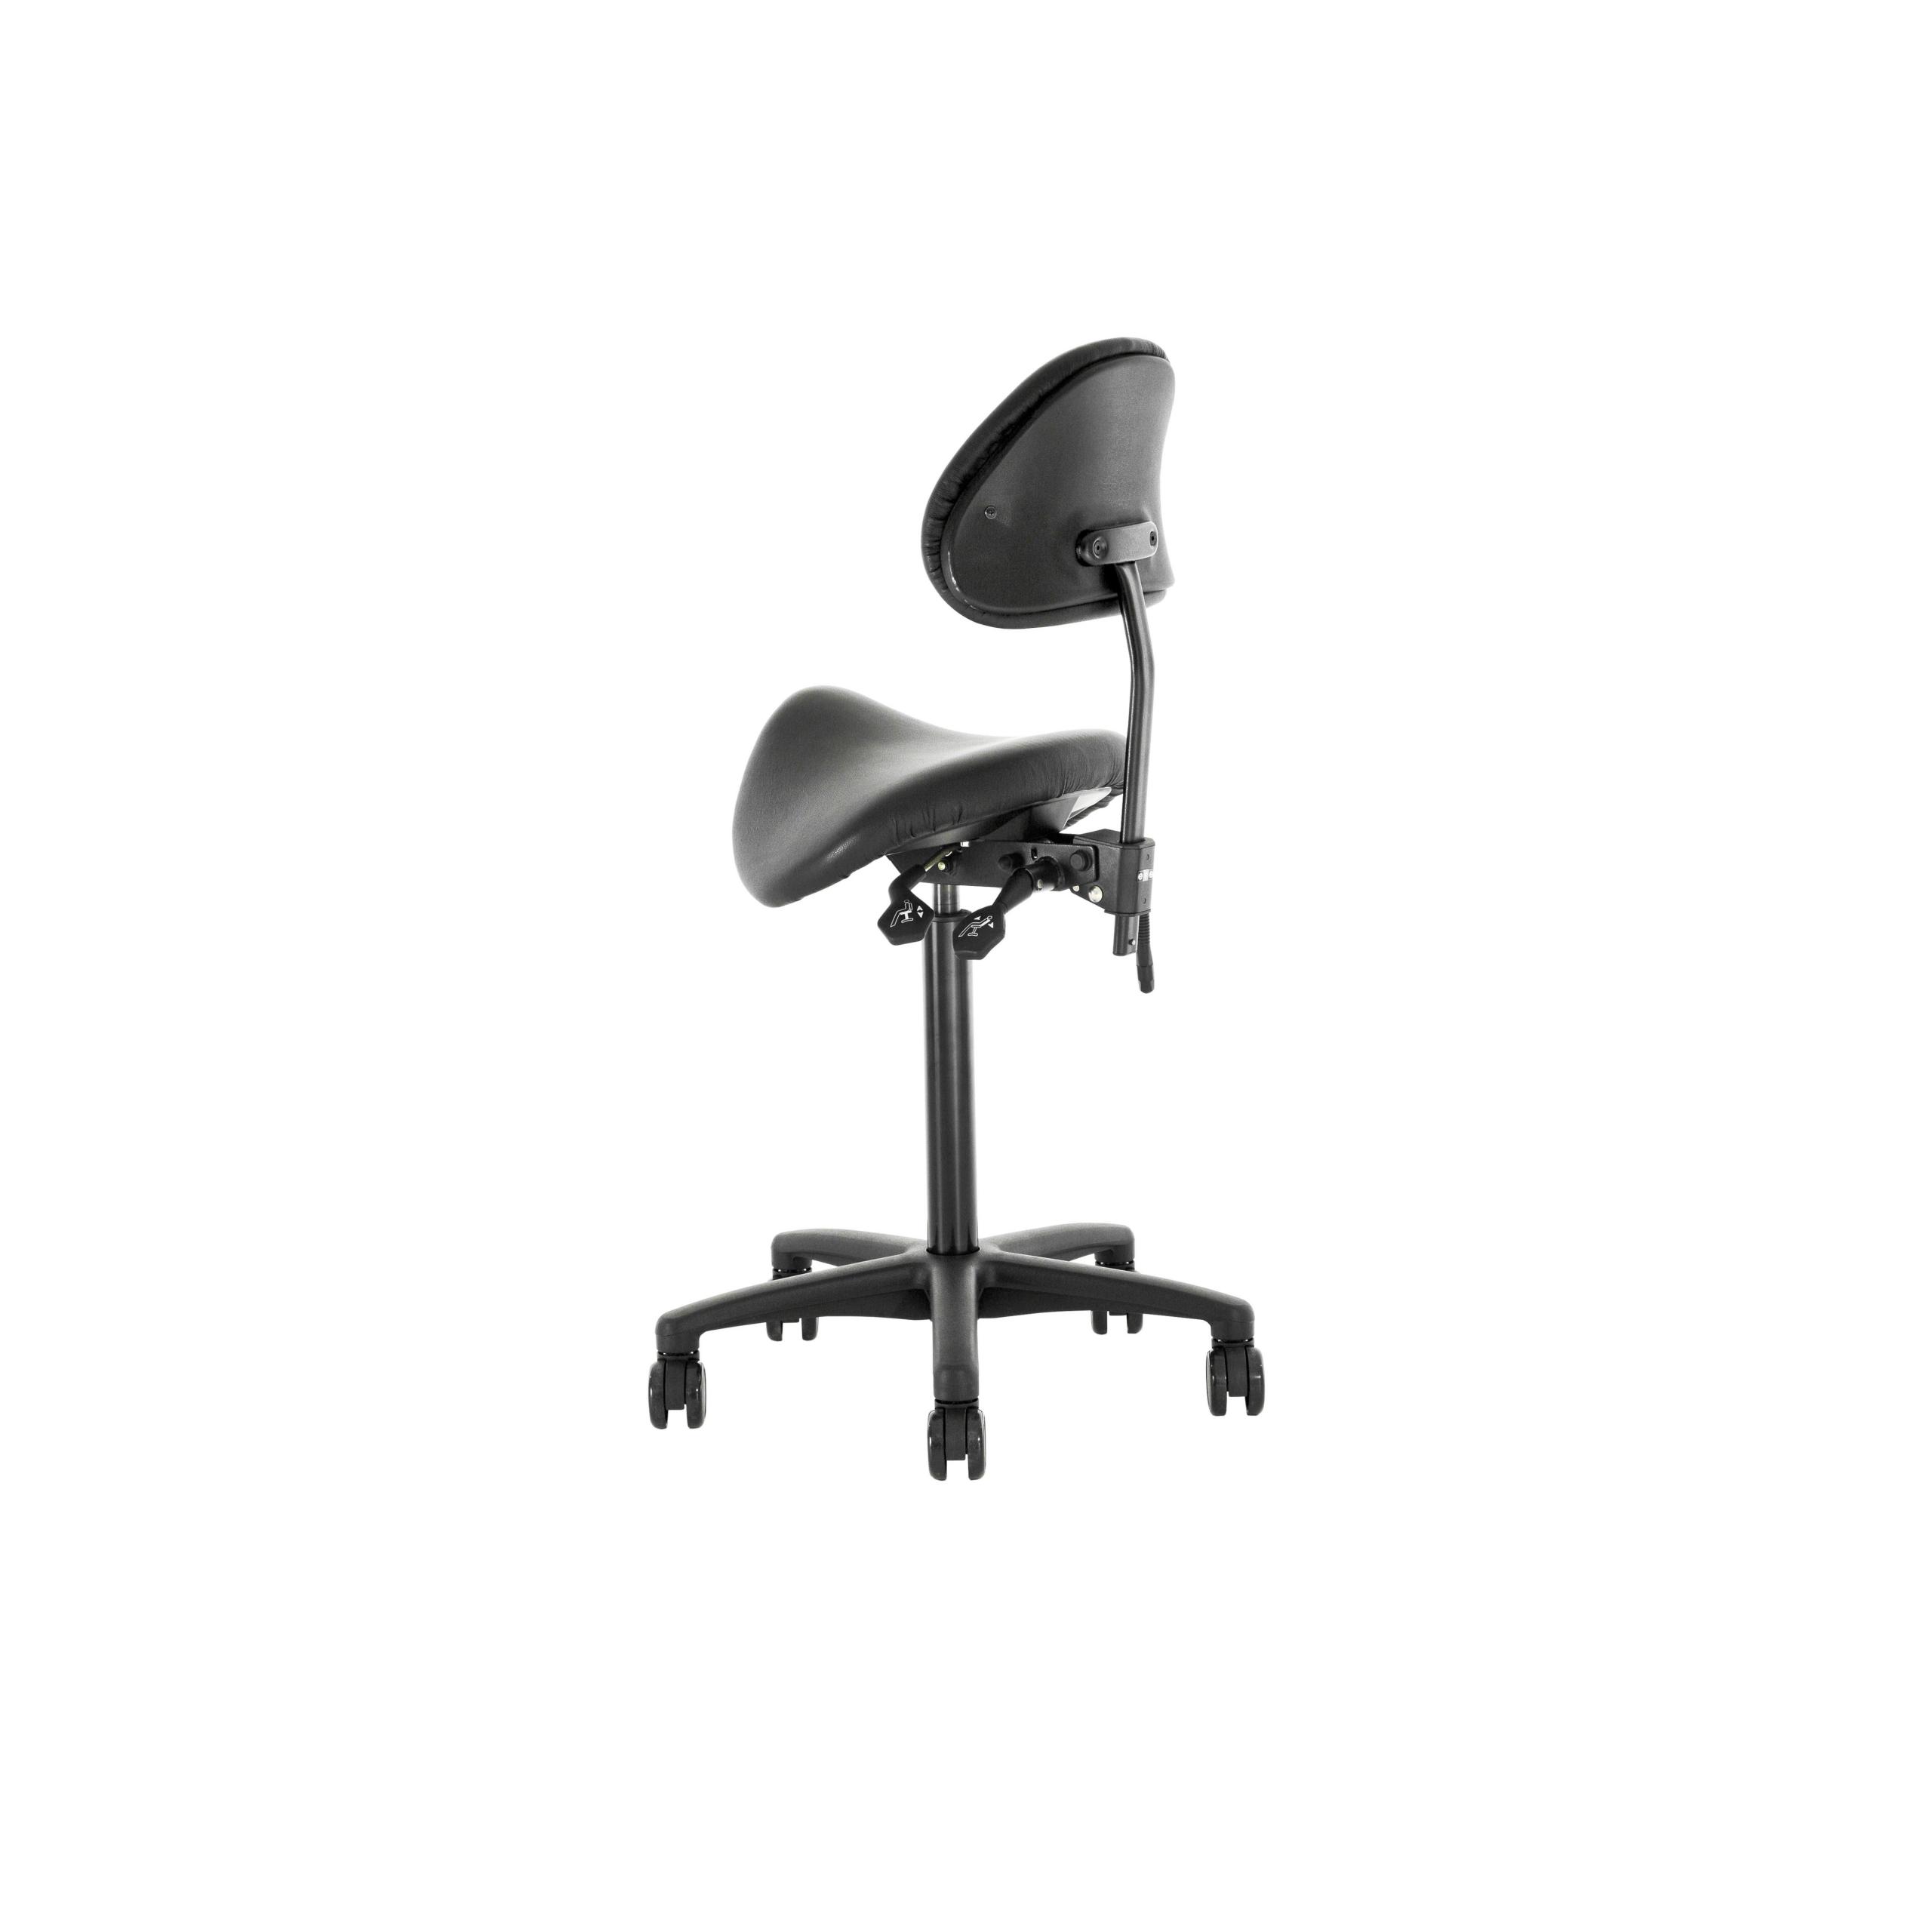 Saddle seat Kontorsstol med sadelsits produktbild 2